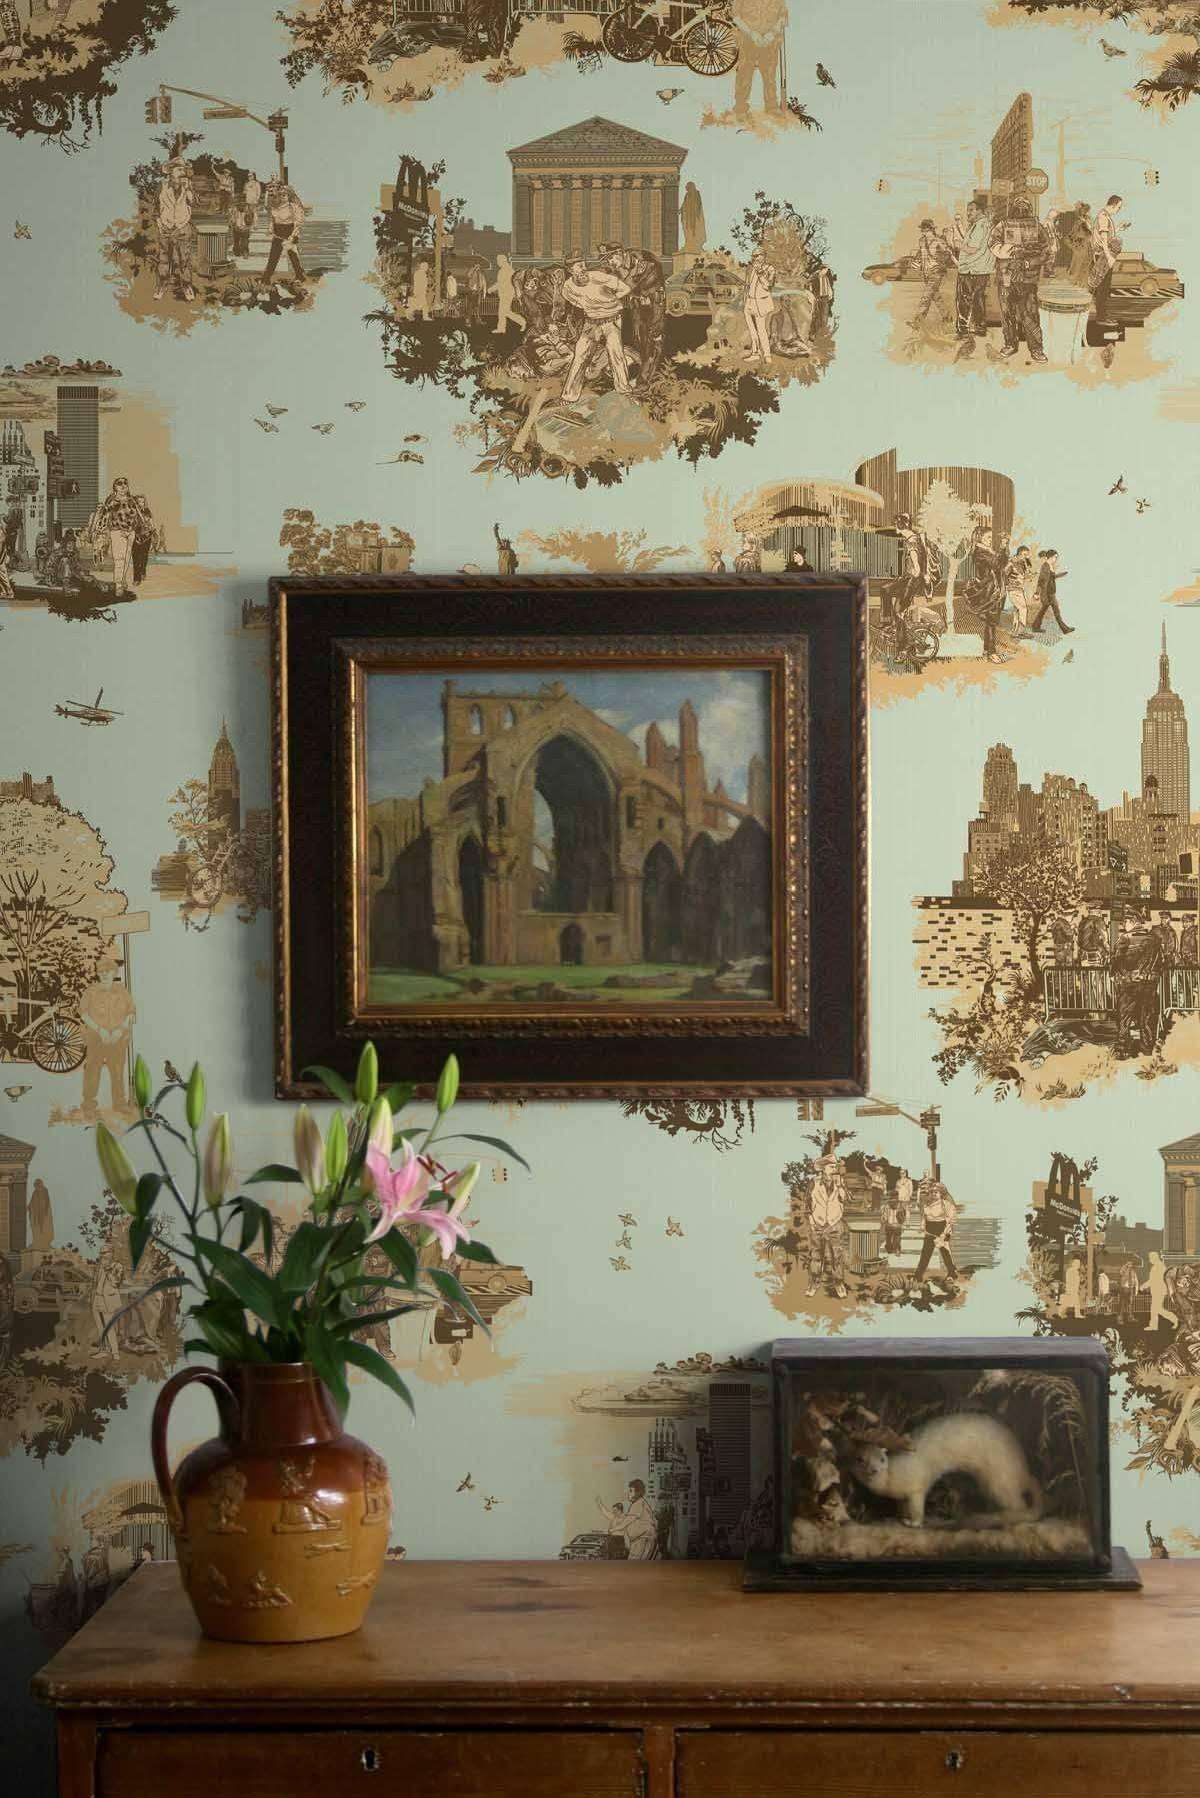 Incredible Rustic Wallpaper Fresh Timorous Beasties New York toile